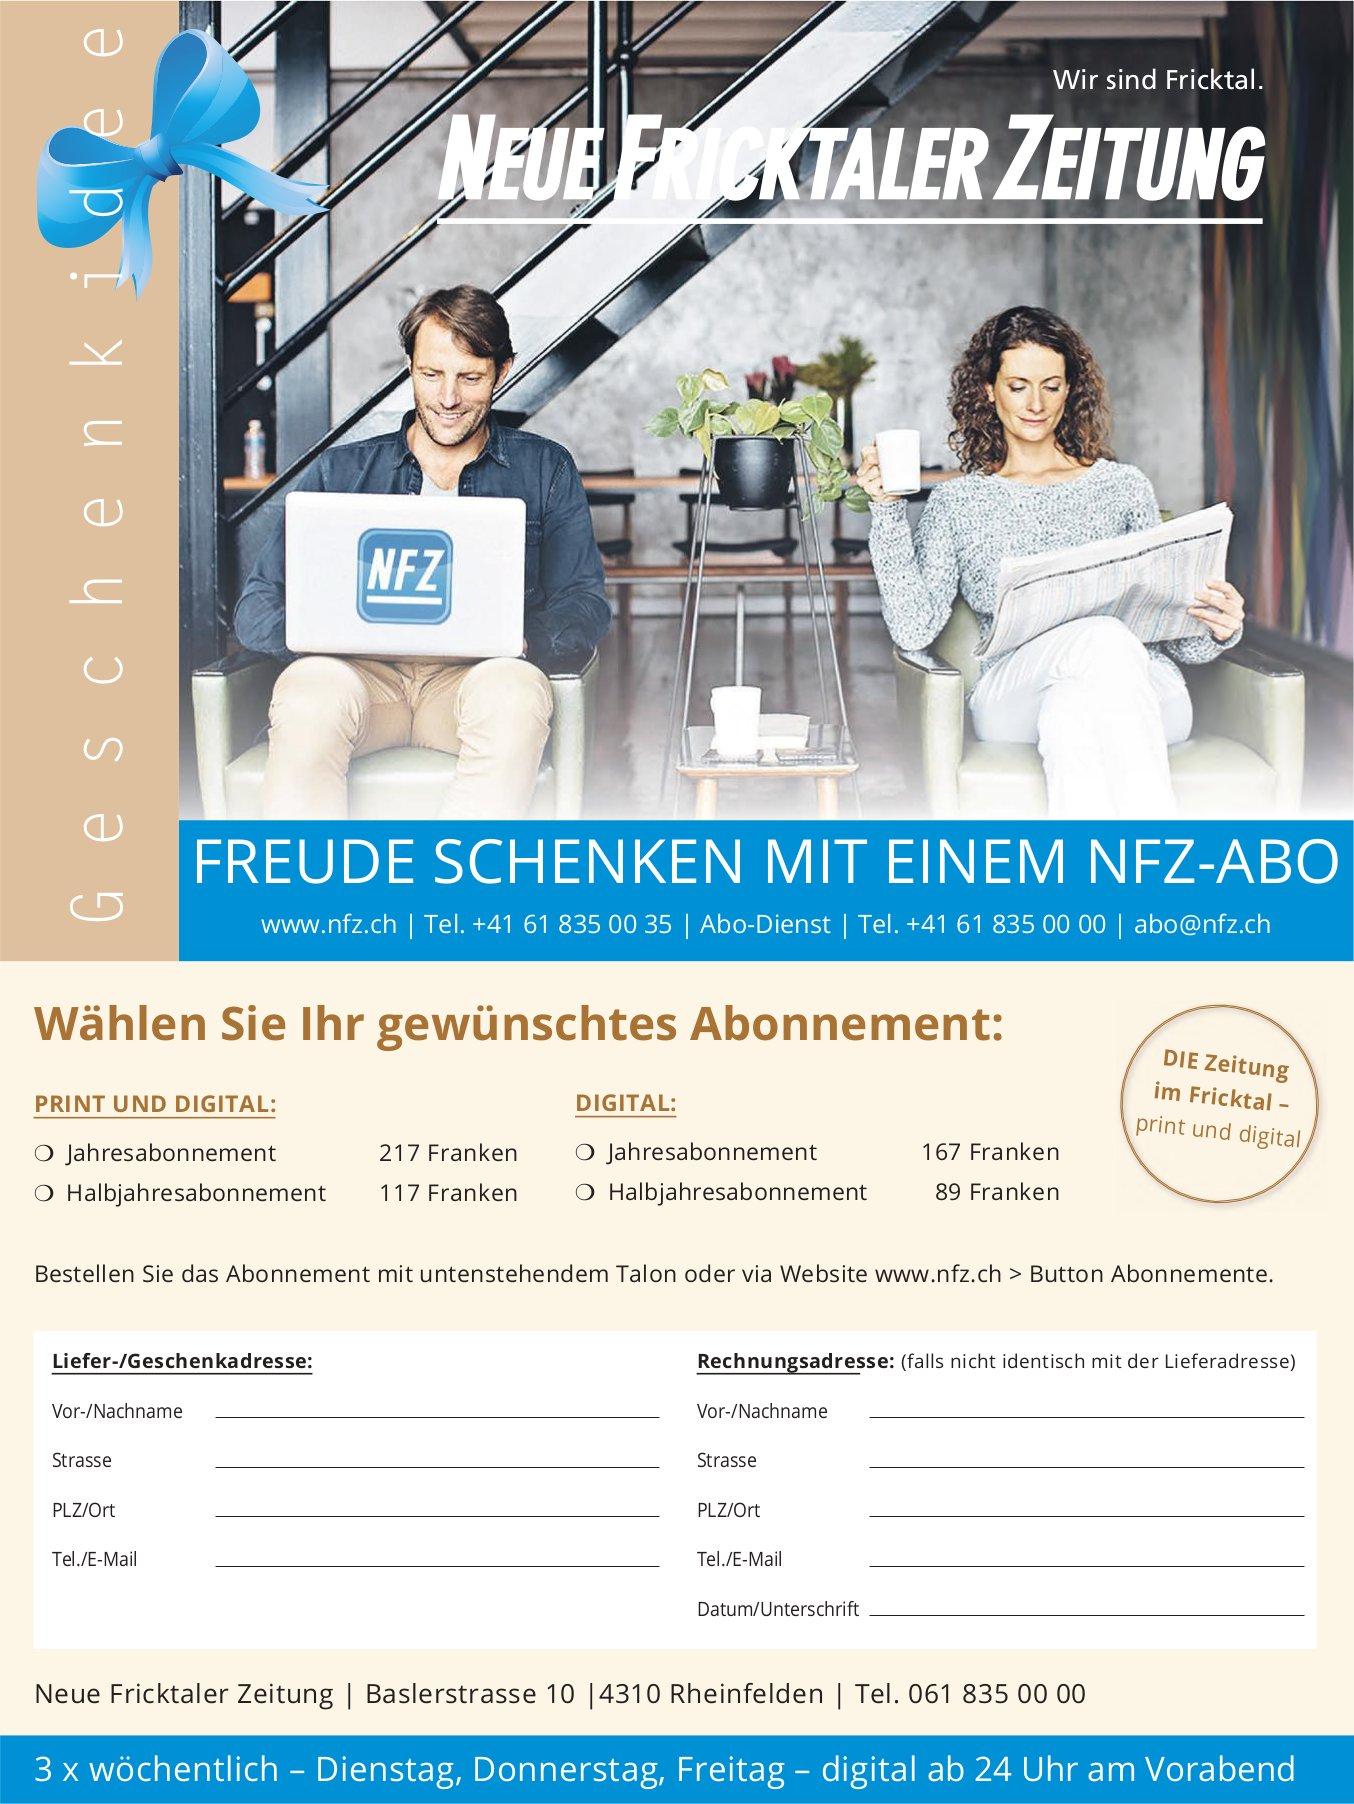 FREUDE SCHENKEN MIT EINEM NFZ-ABO